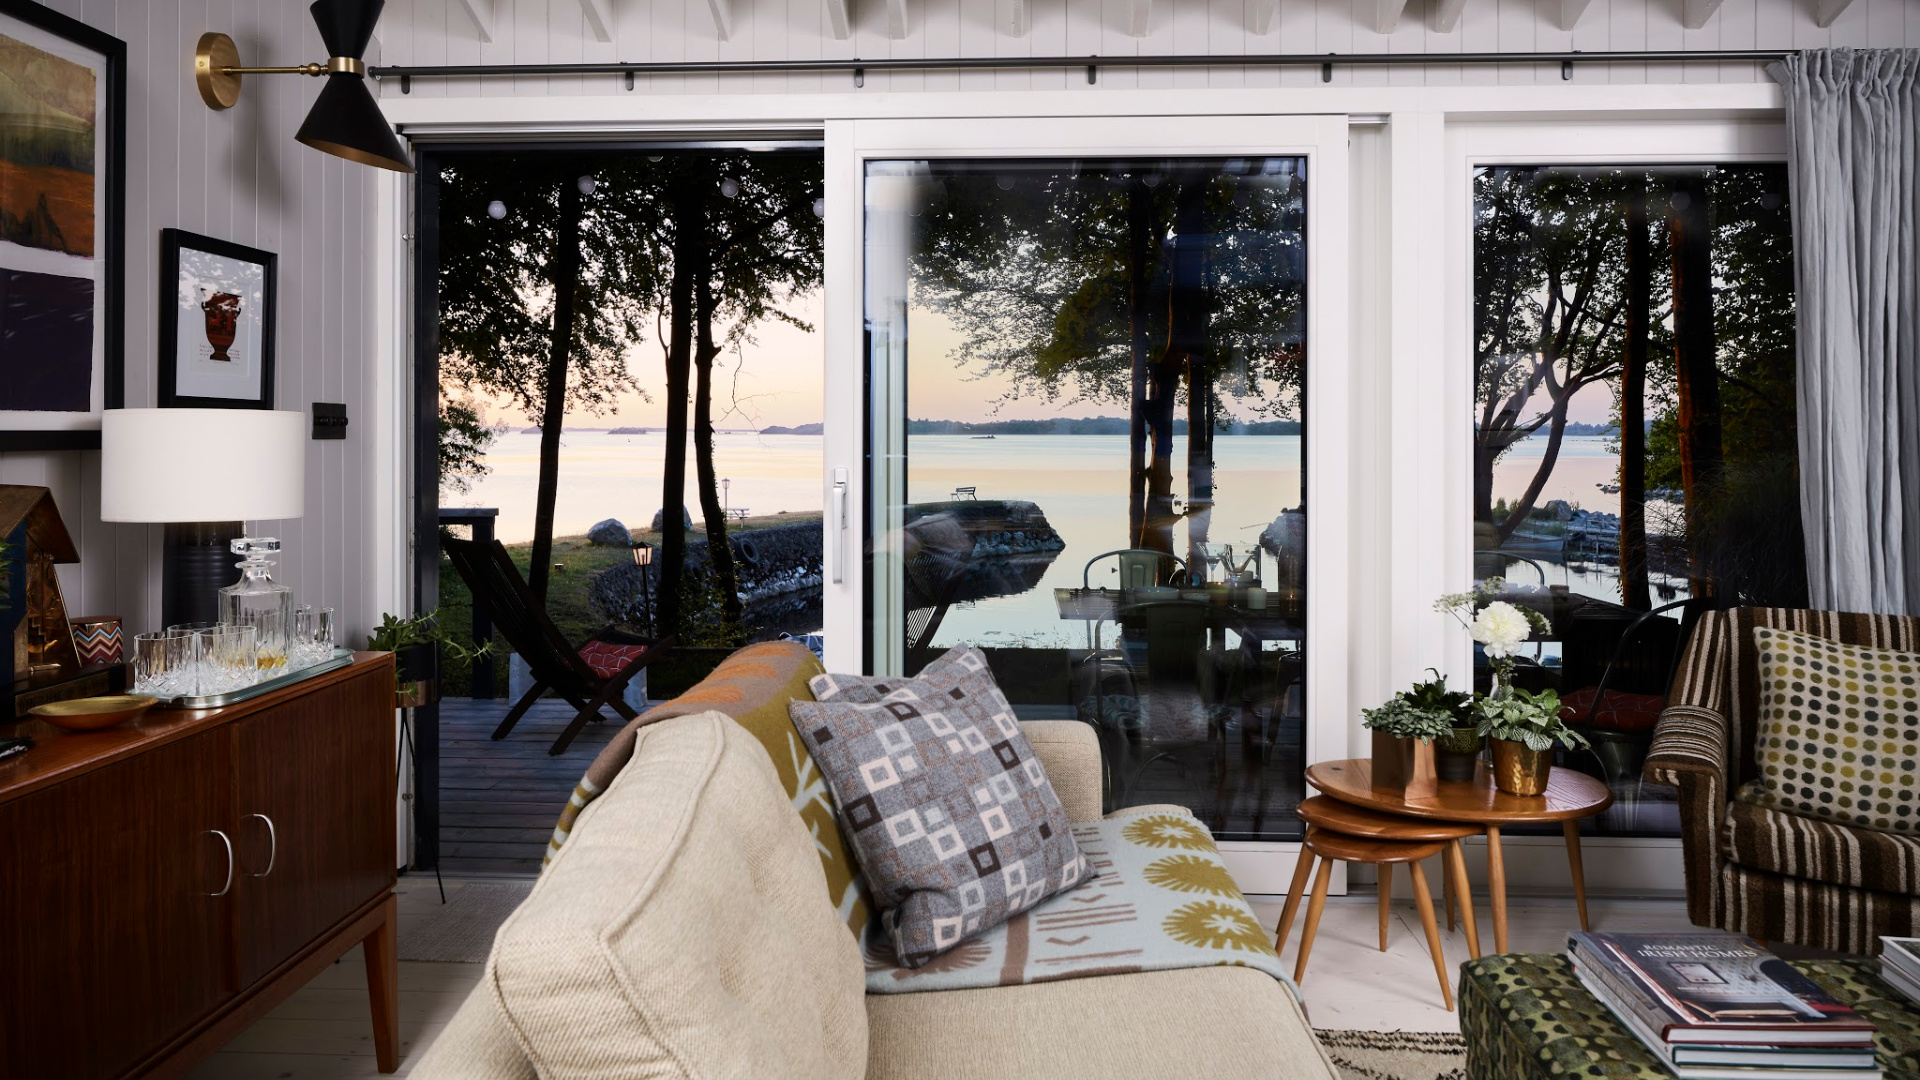 Unique places to stay - Unique Home Stays - Walden Lakehouse - Humphrey Munson